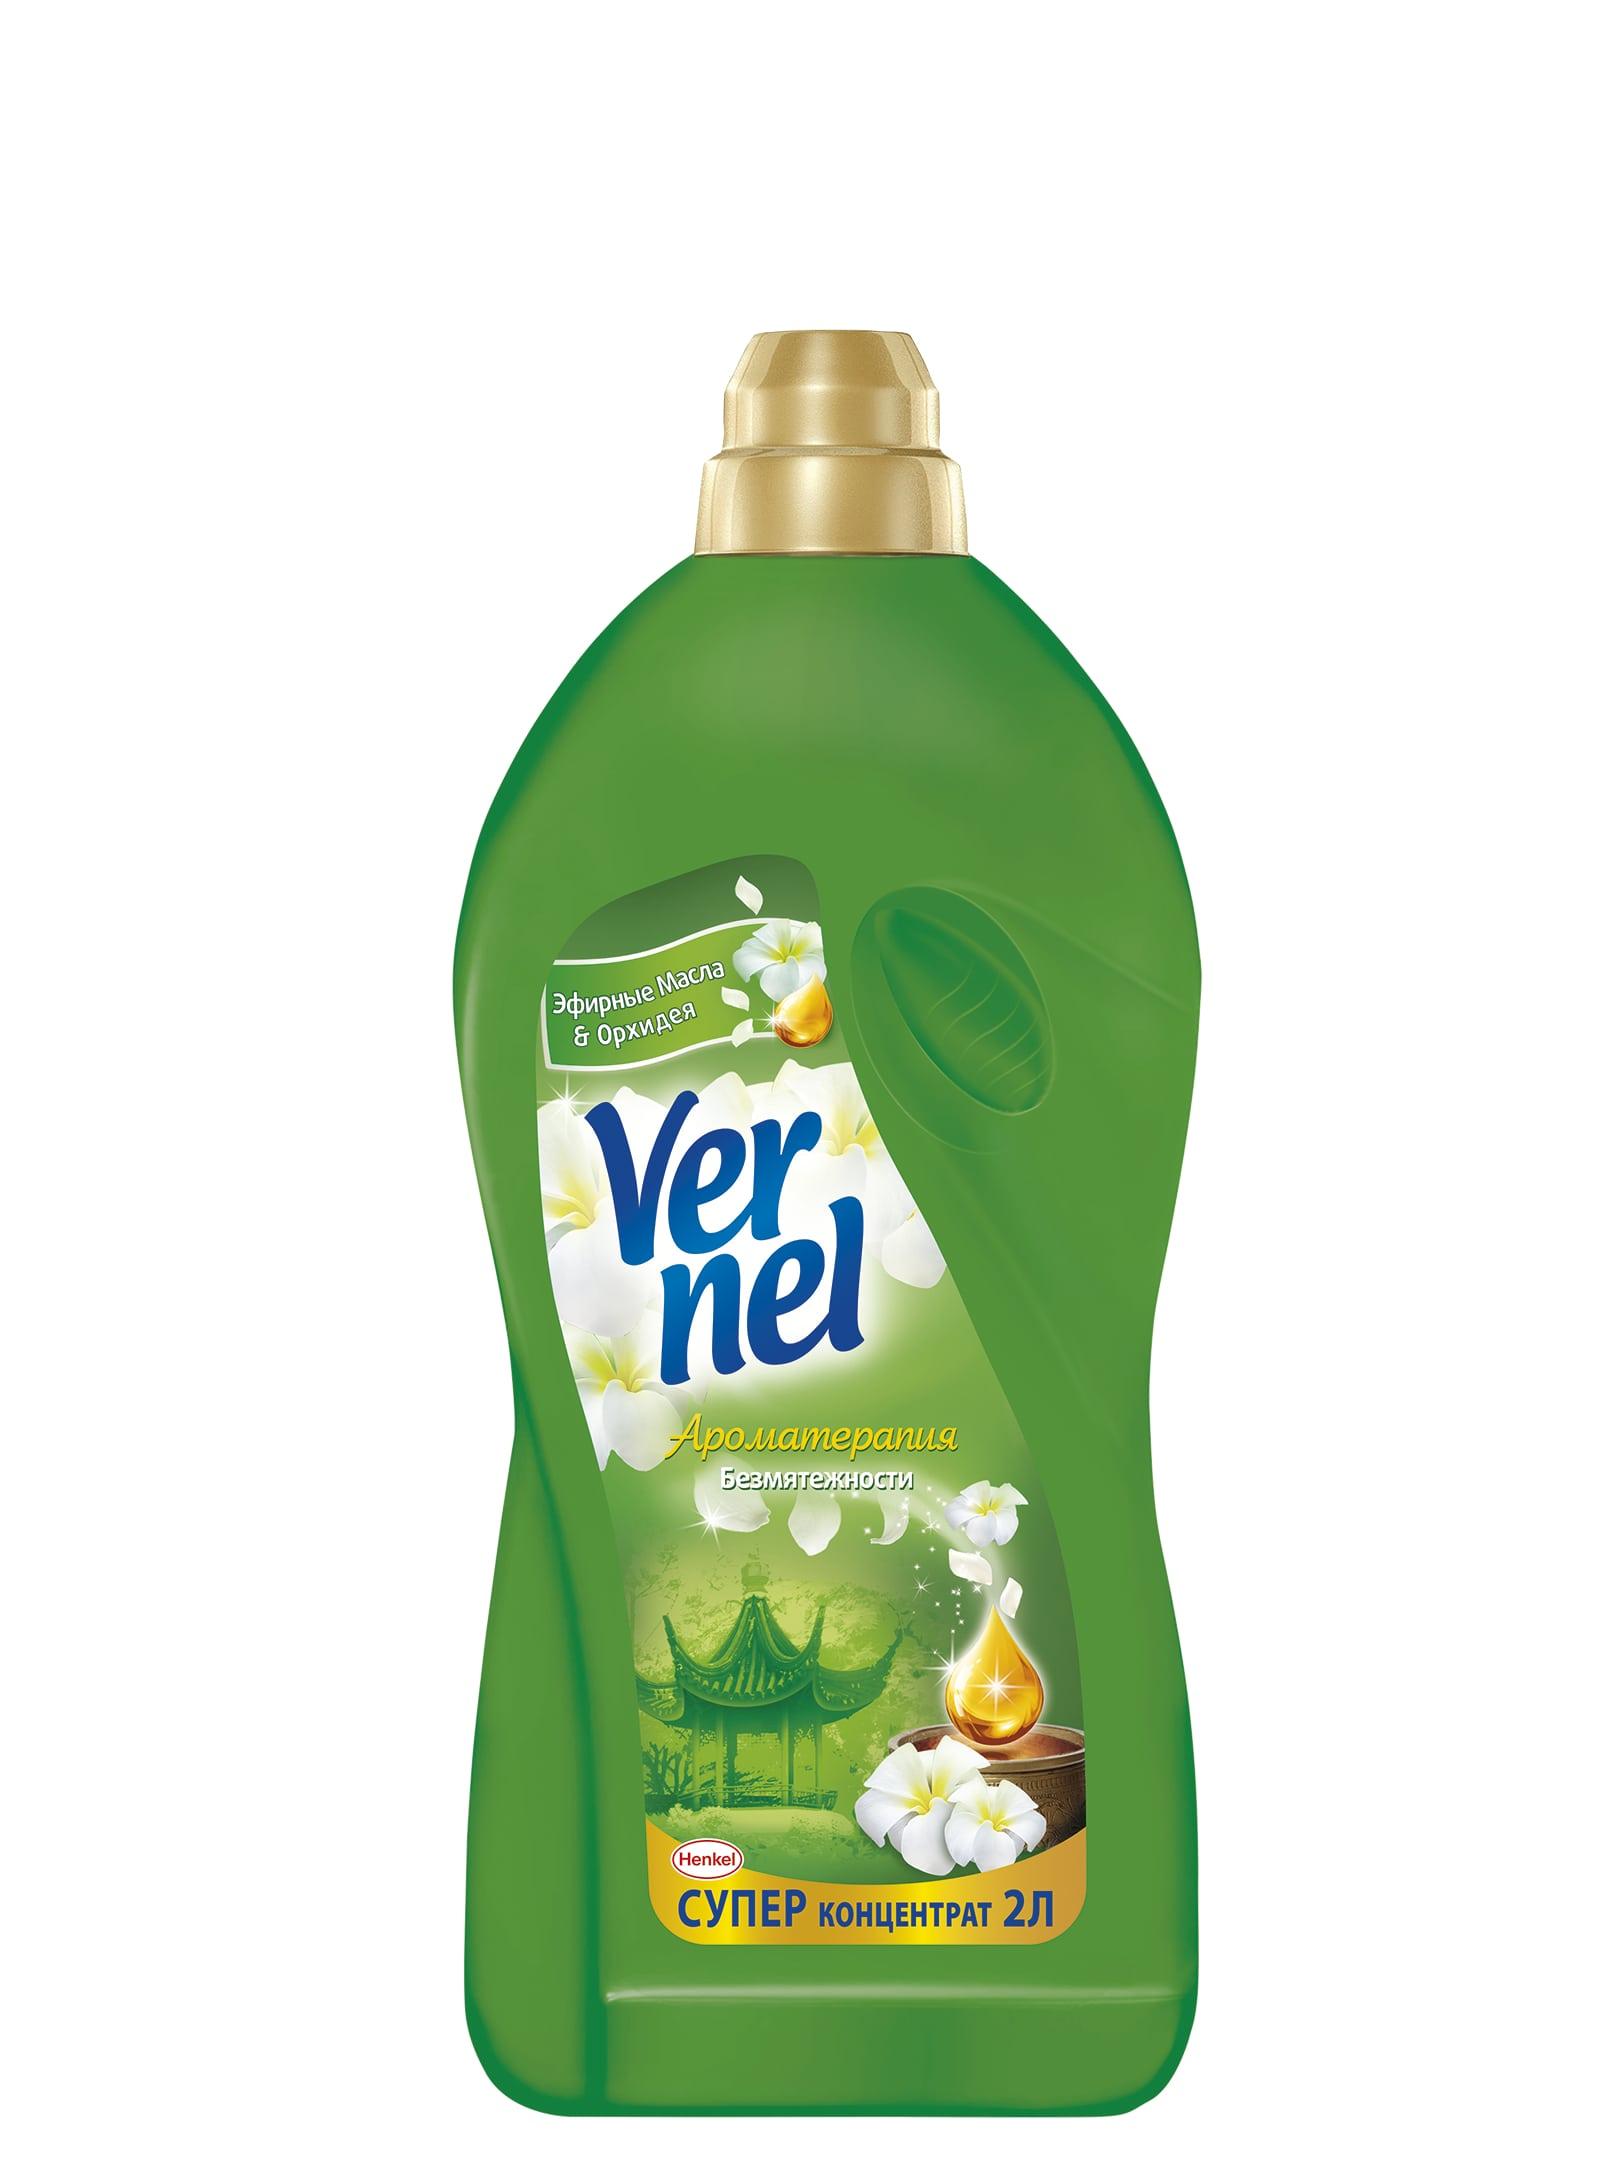 Кондиционер для белья Vernel Ароматерапия Безмятежности 2л15114923С новой Классической линейкой Vernel свежесть белья длится до 8 недель. Новая формула Vernel обогащена аромакапсулами, которые обеспечивают длительную свежесть. Более того, кондиционеры для белья Vernel придают белью невероятную мягкость, такую же приятную, как и ее запах.Свойства кондиционера для белья Vernel:1. Придает мягкость2. Придает приятный аромат3. Обладает антистатическим эффектом4. Облегчает глажениеДо 8 недель свежести при условии хранения белья без использования благодаря аромакапсуламСостав: Состав: 5-15% катионные ПАВ;Товар сертифицирован.